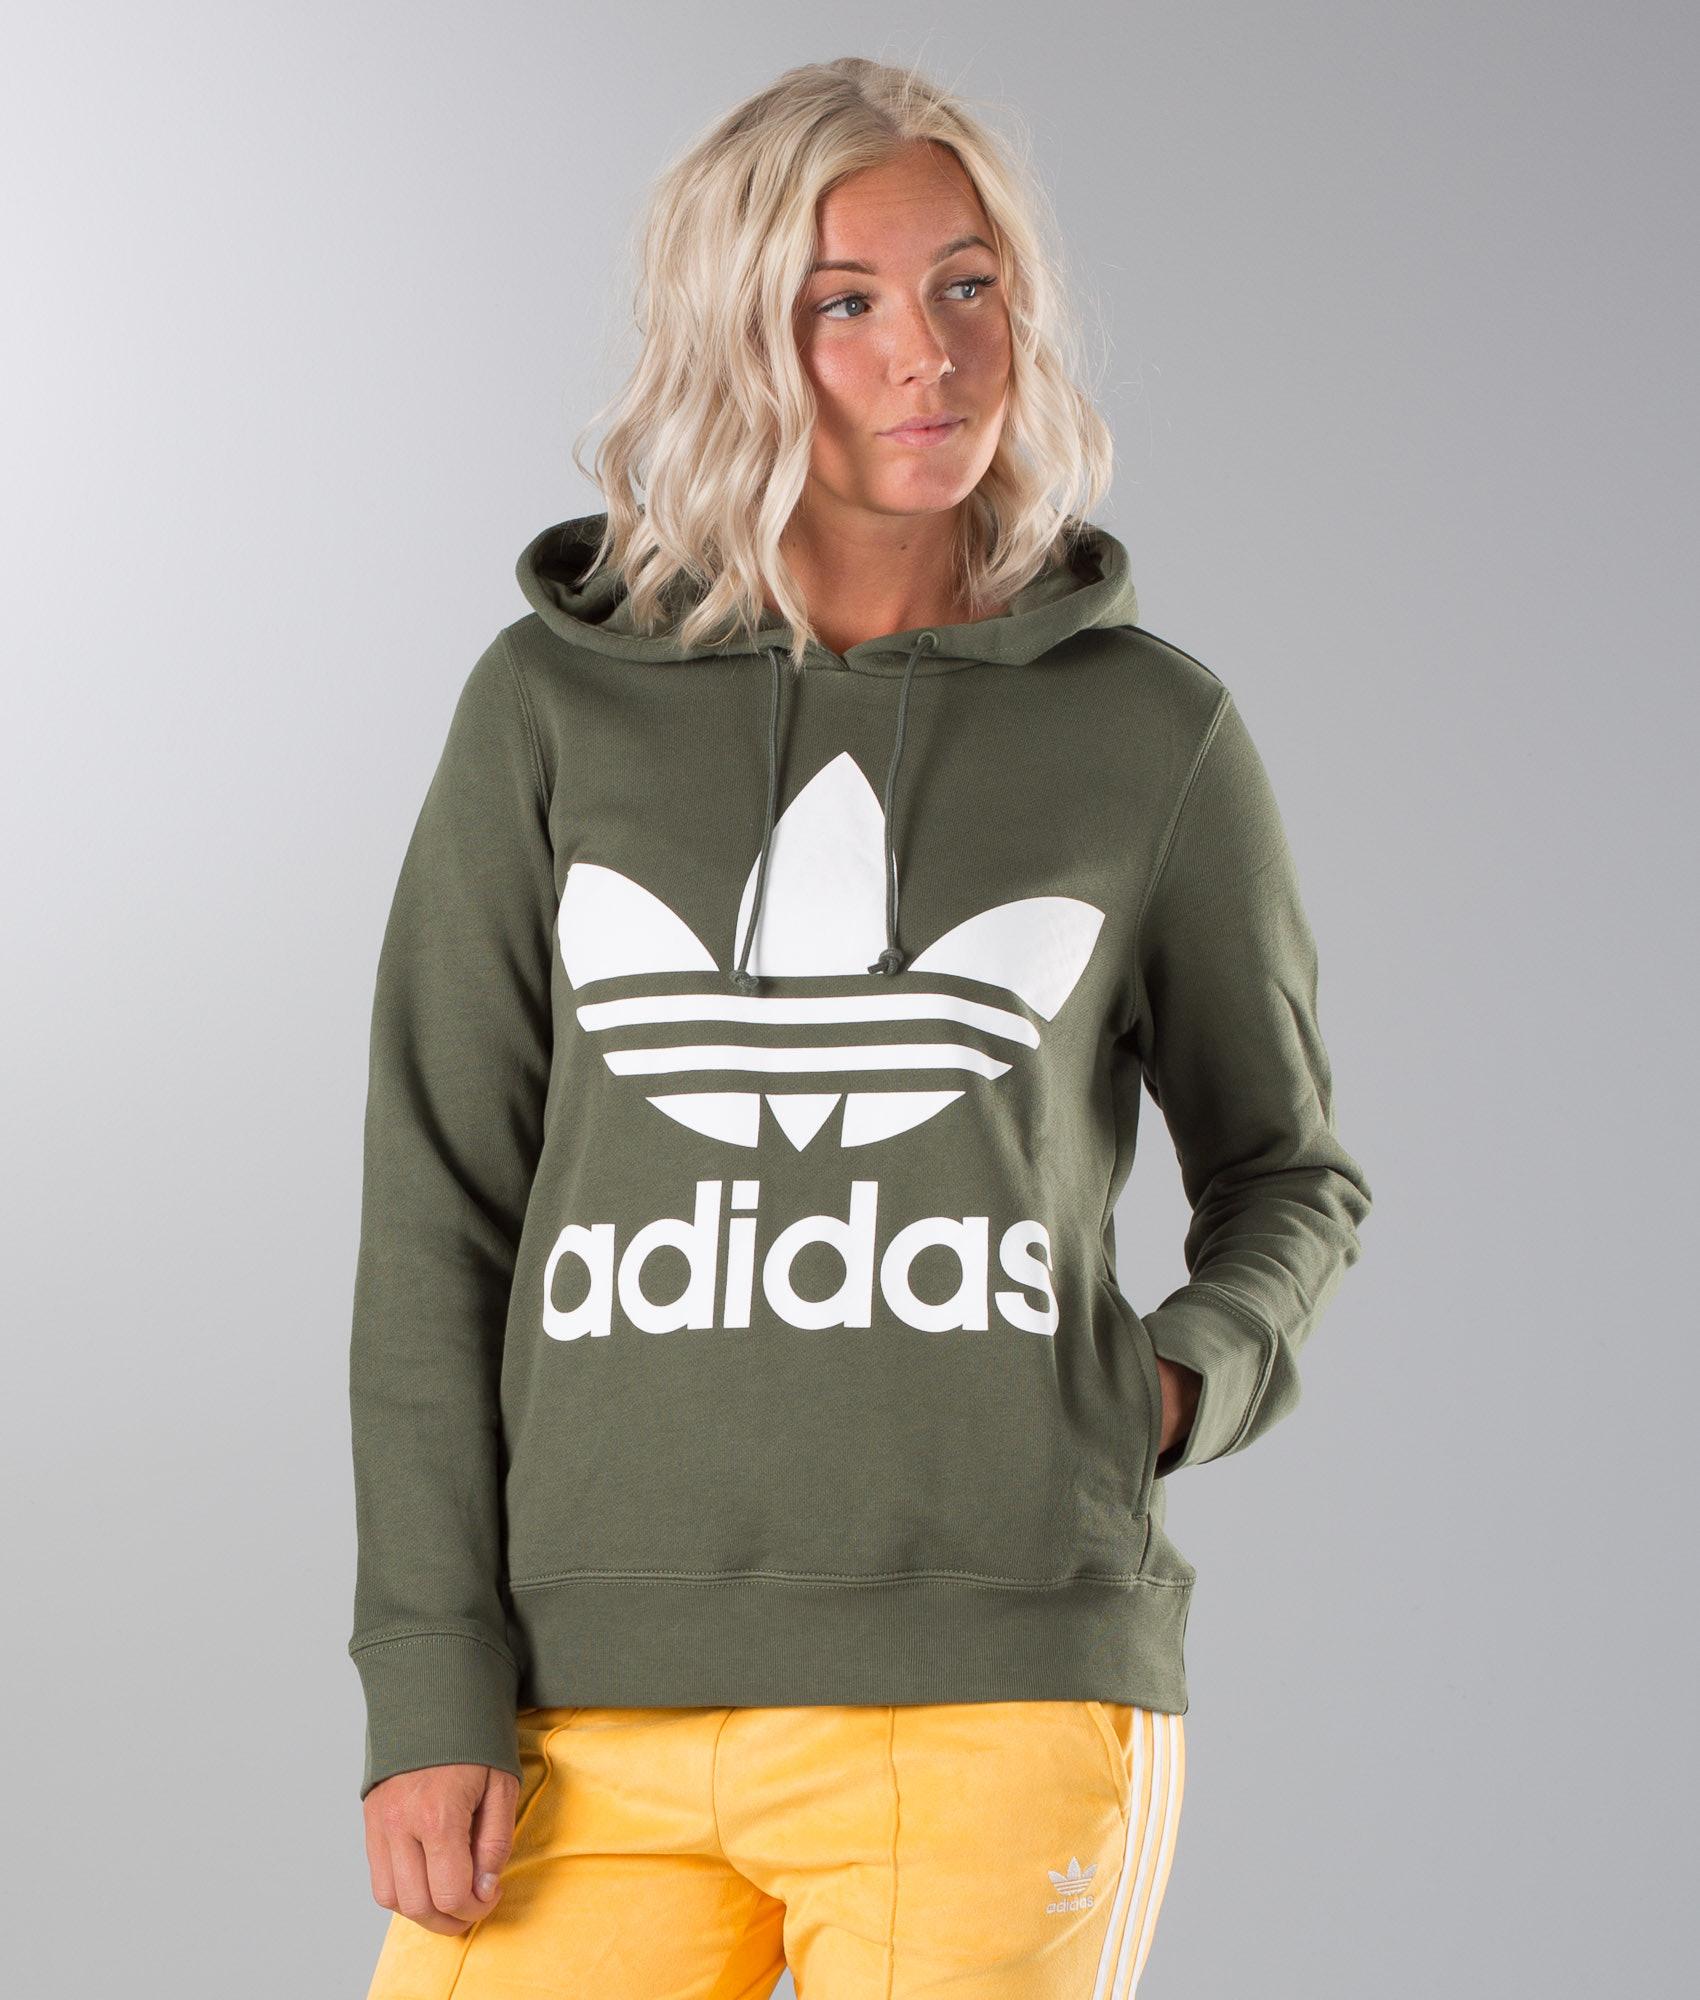 30a5eca3dc962 Adidas Originals Trefoil Hoodie Base Green - Ridestore.com